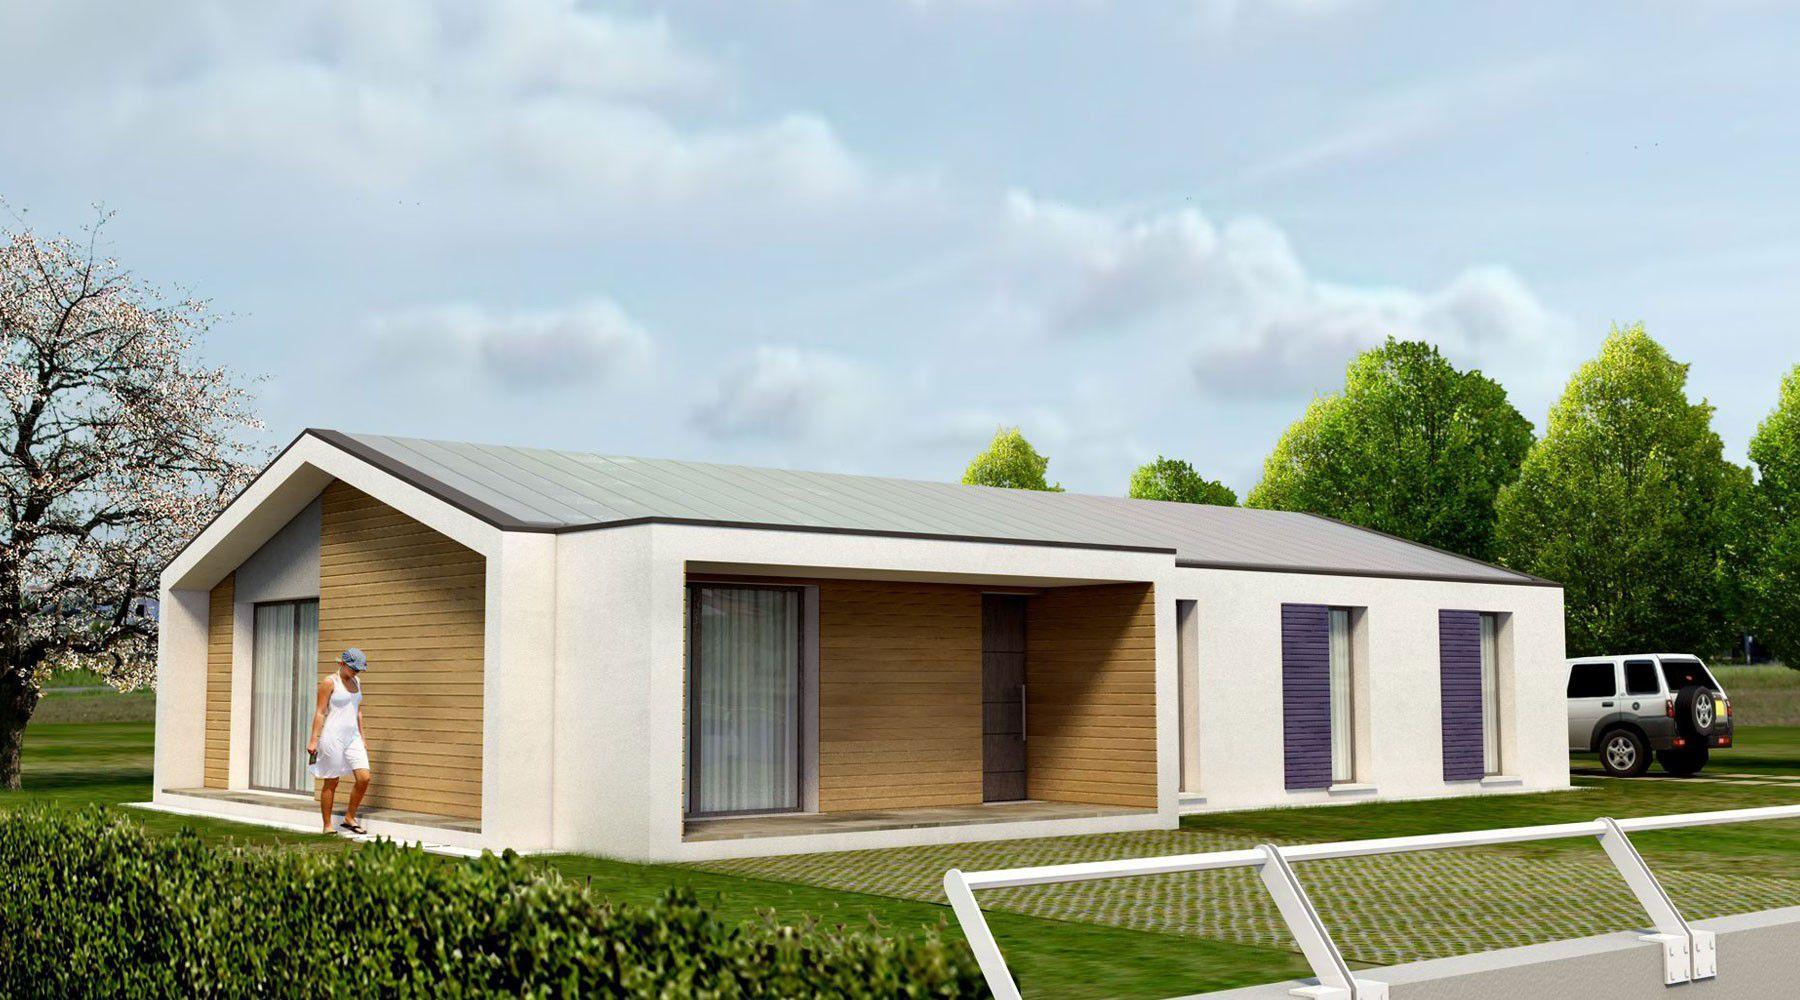 Maison Ossature Bois Bordeaux maison préfabriquée / modulaire / contemporaine / à ossature